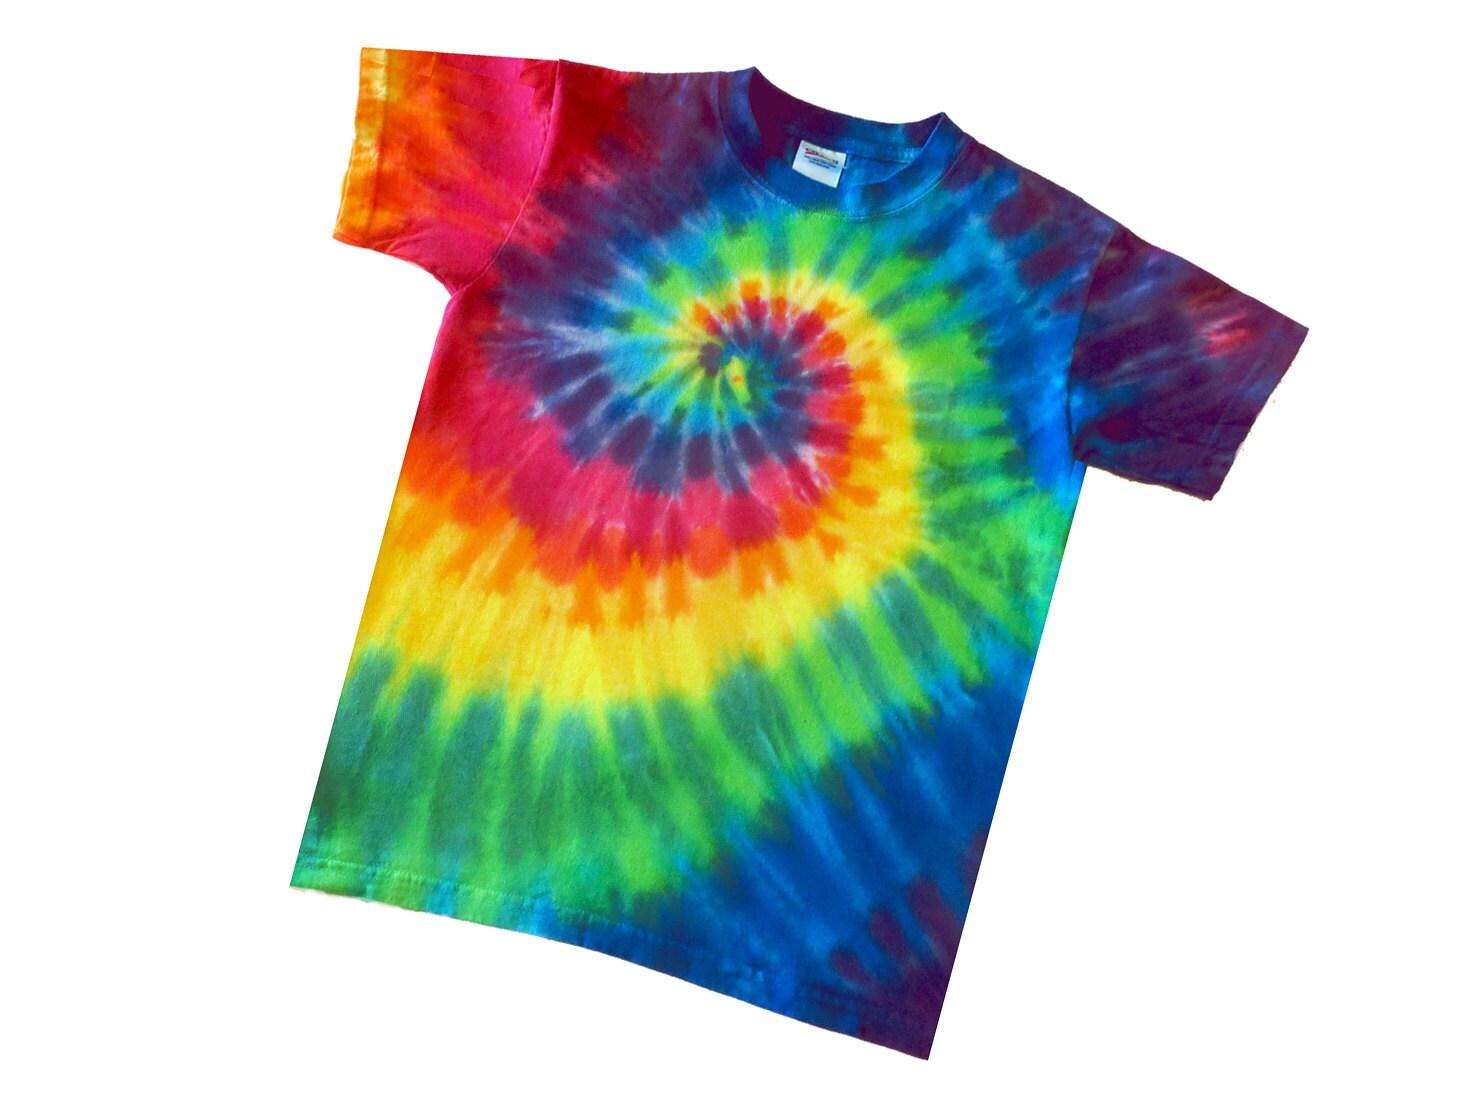 clothing stores like rainbow